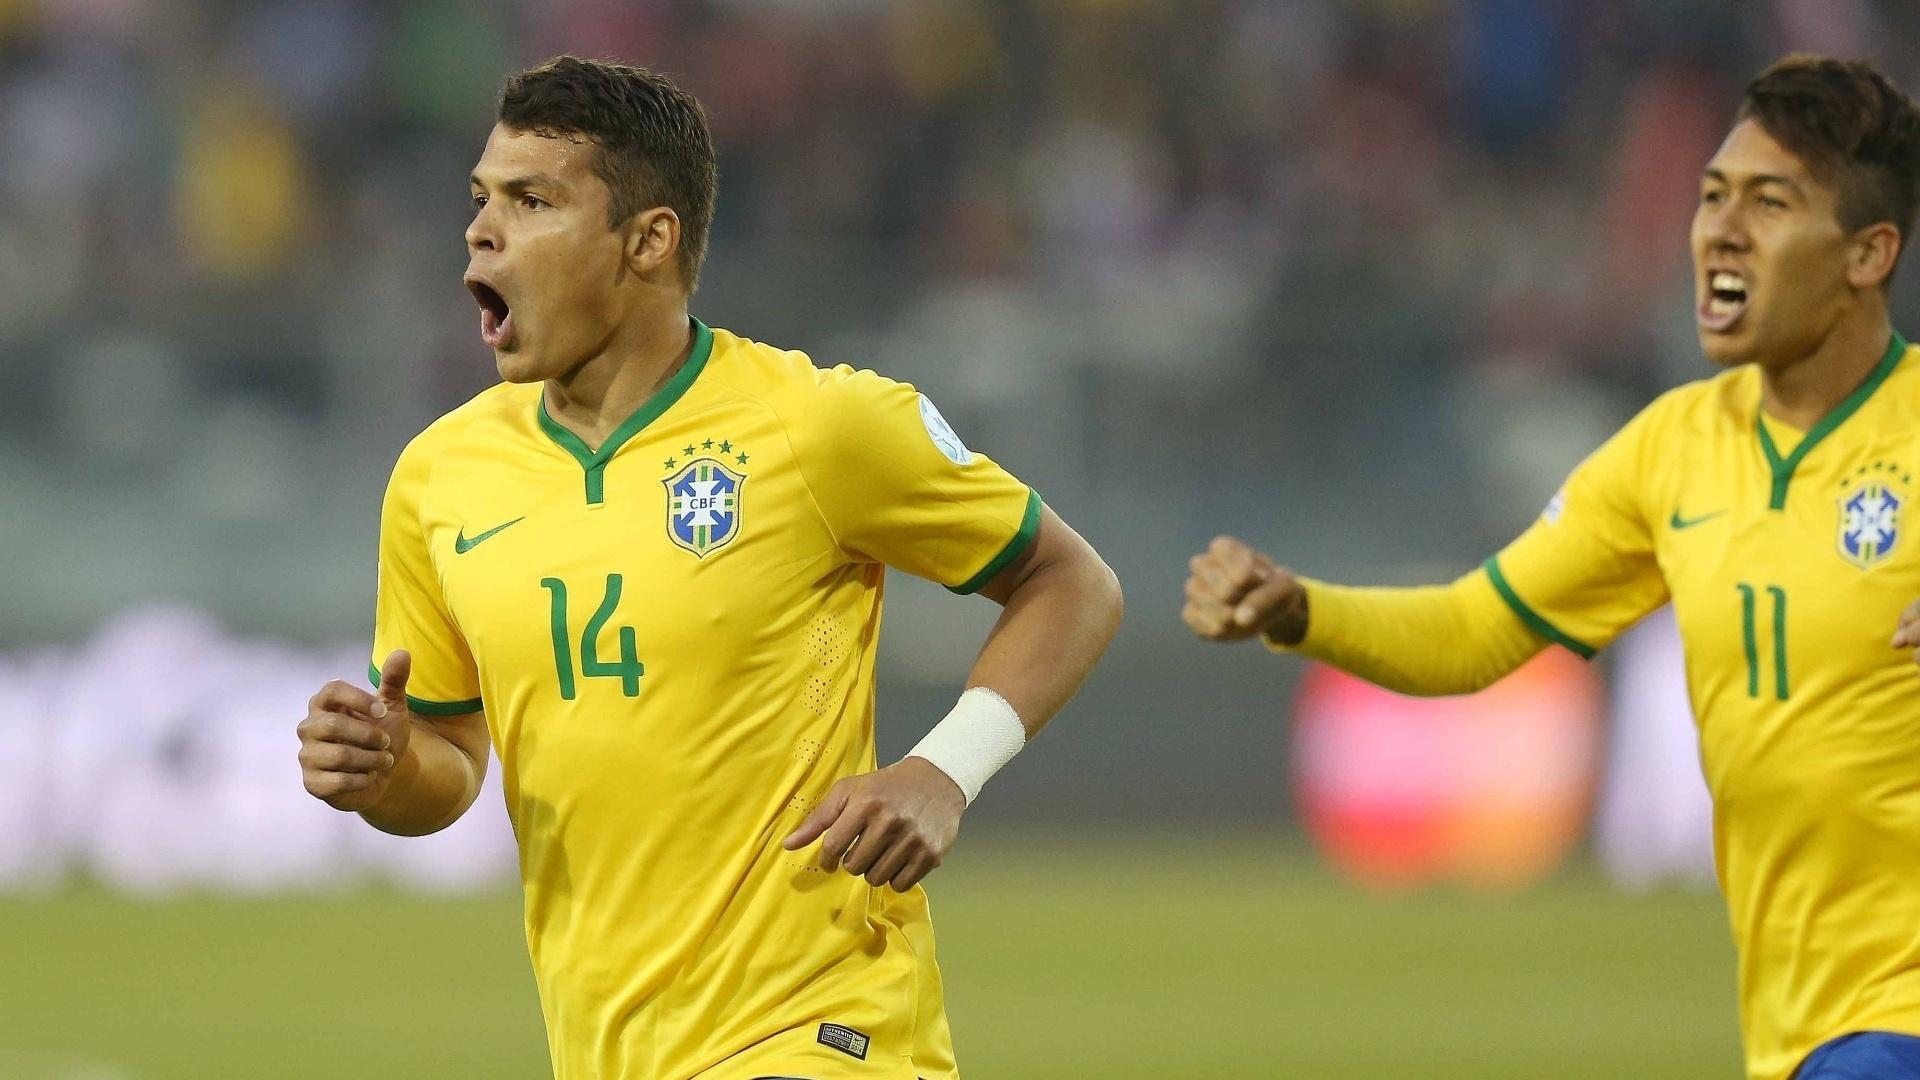 Thiago Silva comemora gol marcado sobre na vitória da seleção brasileira sobre a Venezuela